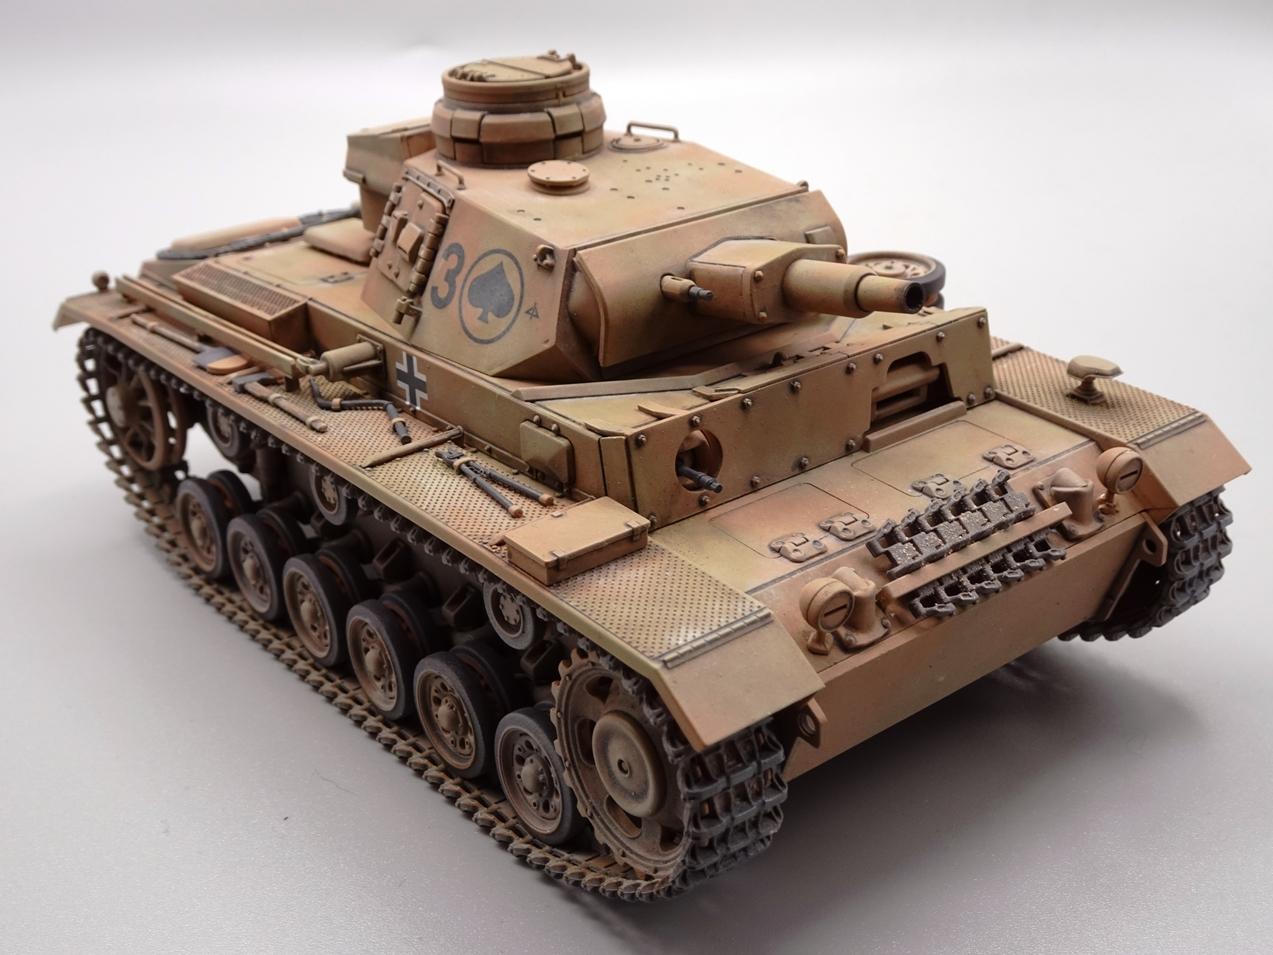 [Tamiya 1/35] Pz III Ausf.N (Sd.Kfz.141/2) réf. 35290 - Page 2 PZIII-fini-1